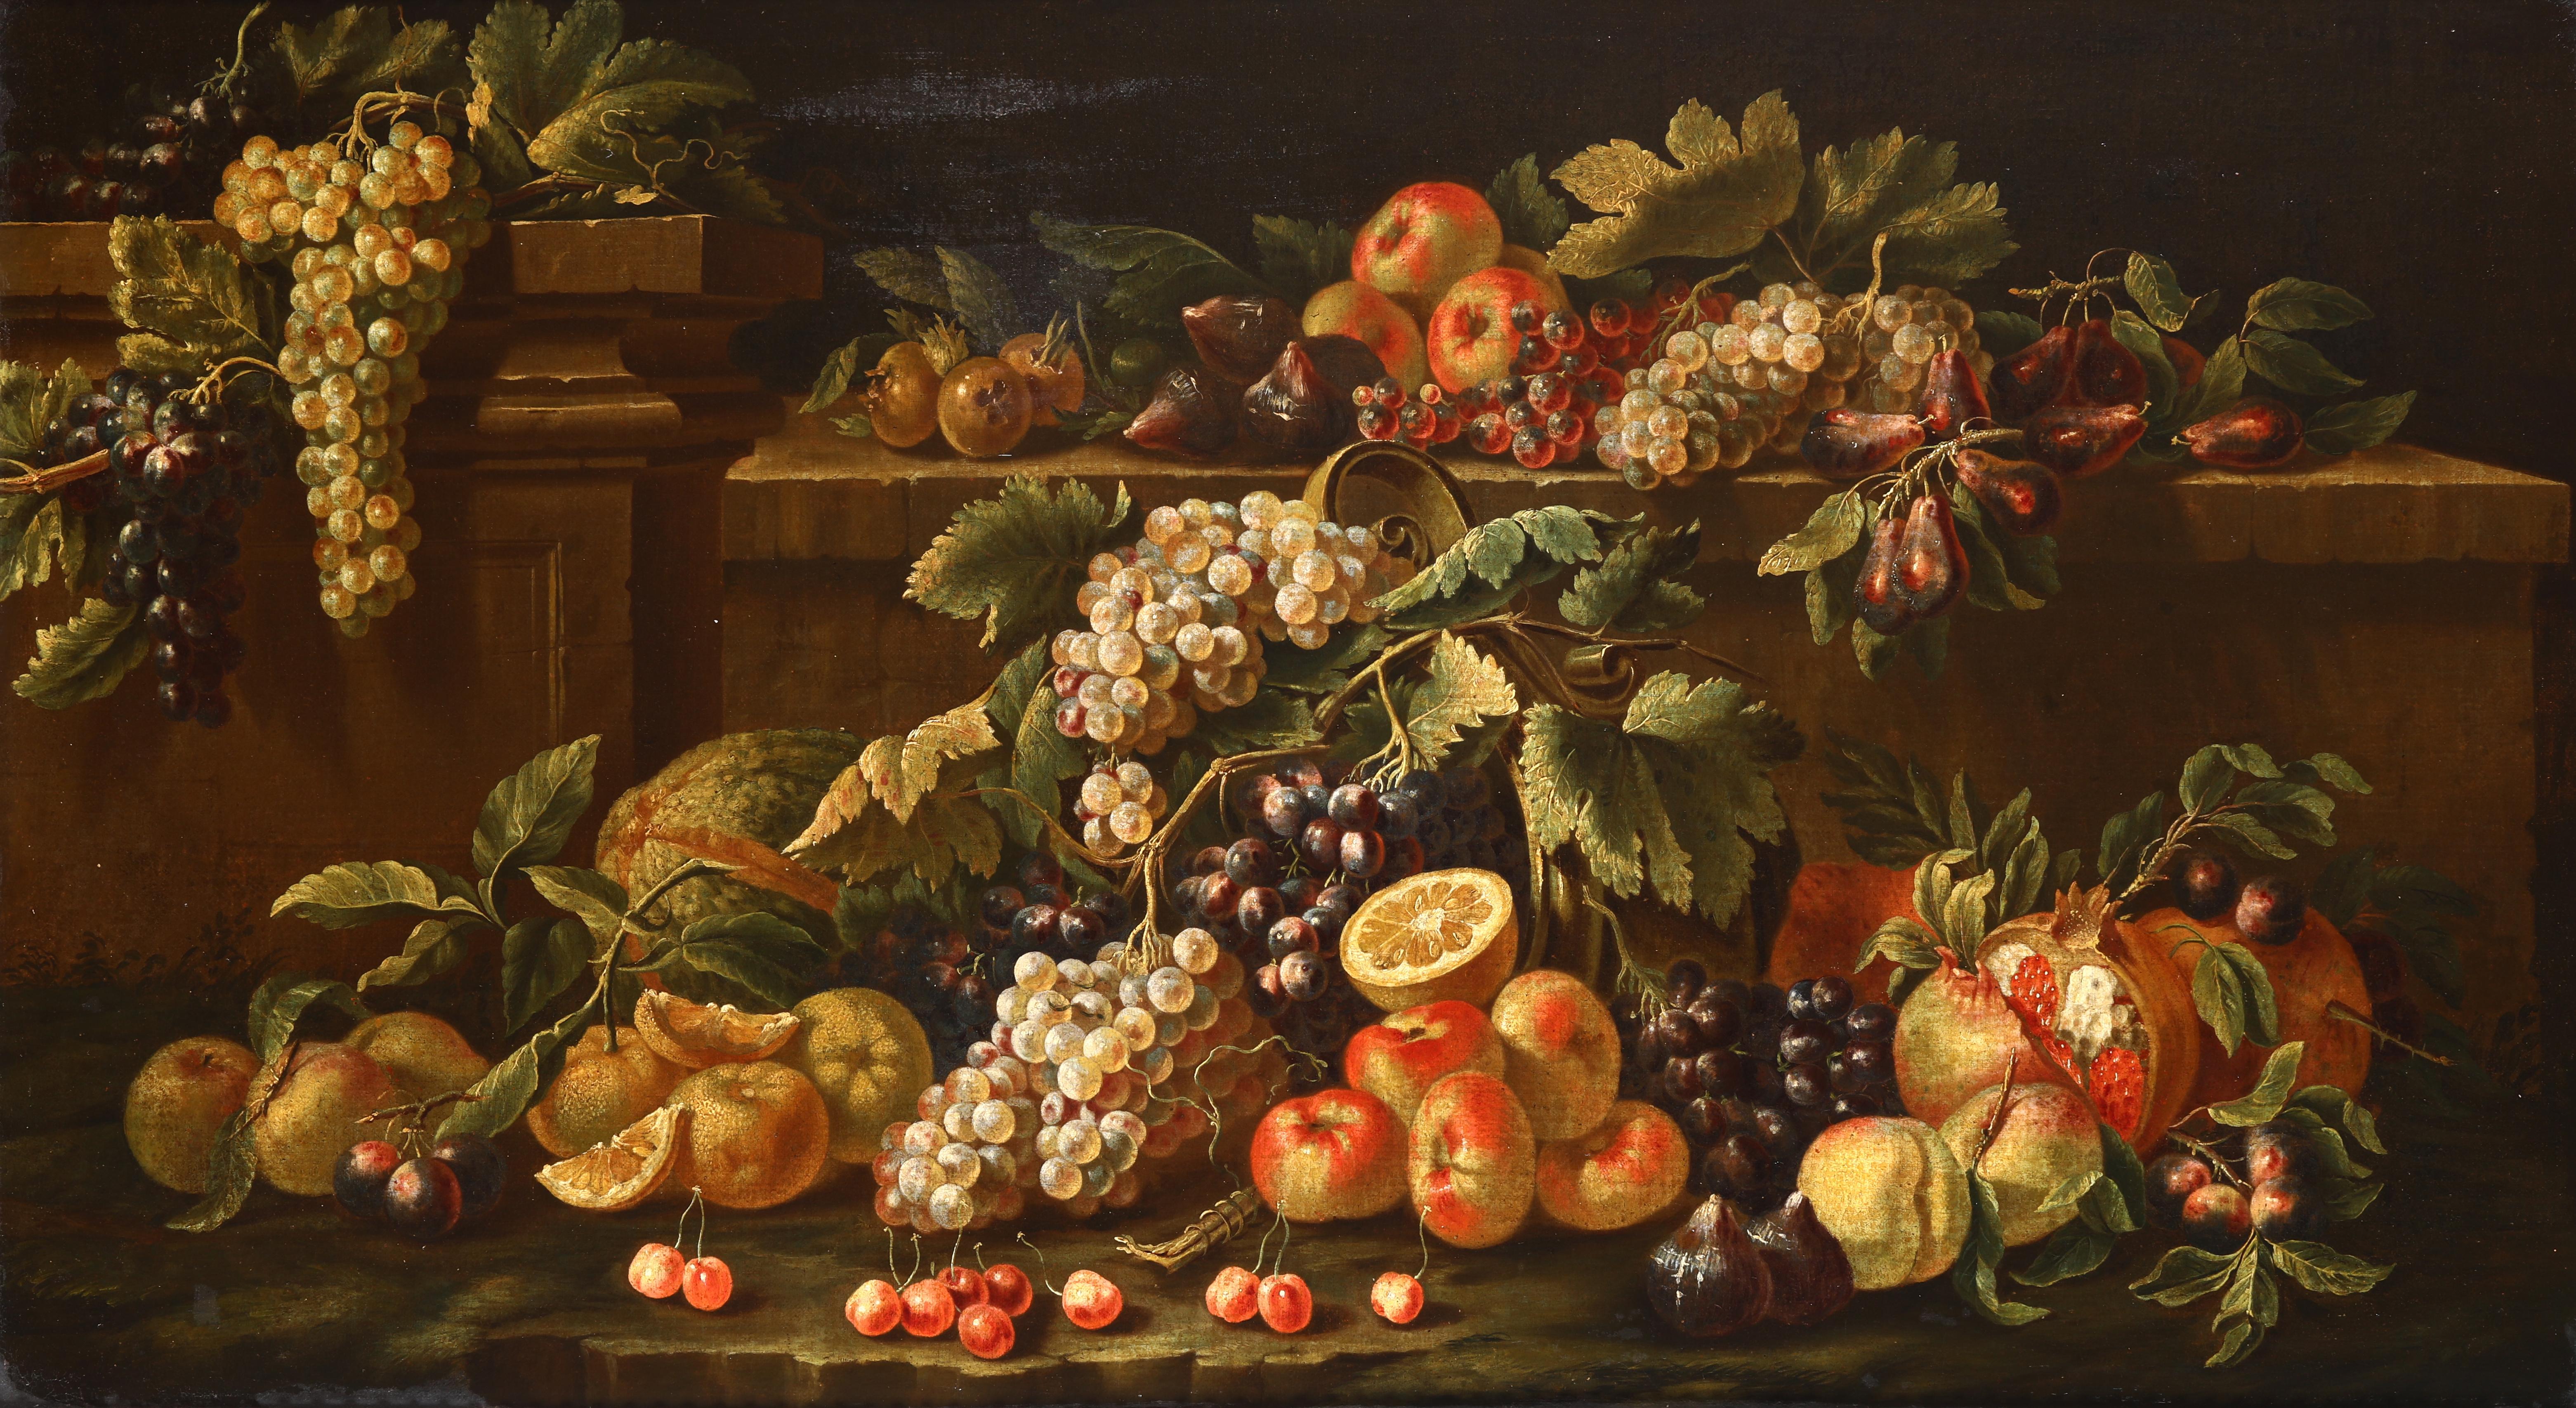 ABRAHAM BRUEGHEL - Stillleben mit Früchten, Öl/Lwd.